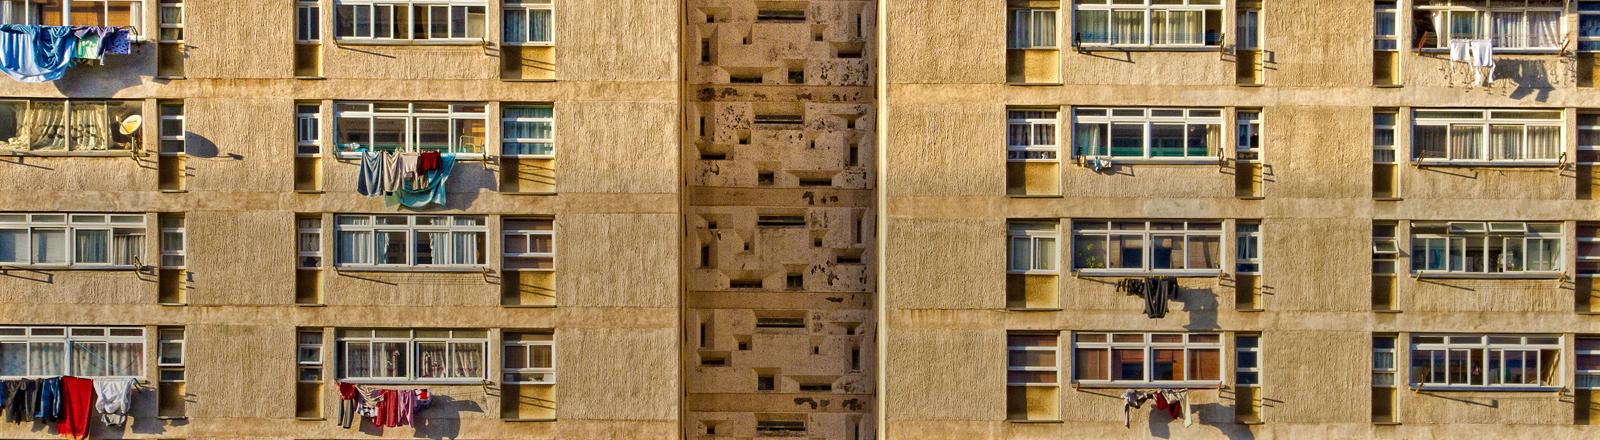 Ein Hochhaus mit vielen Balkons.